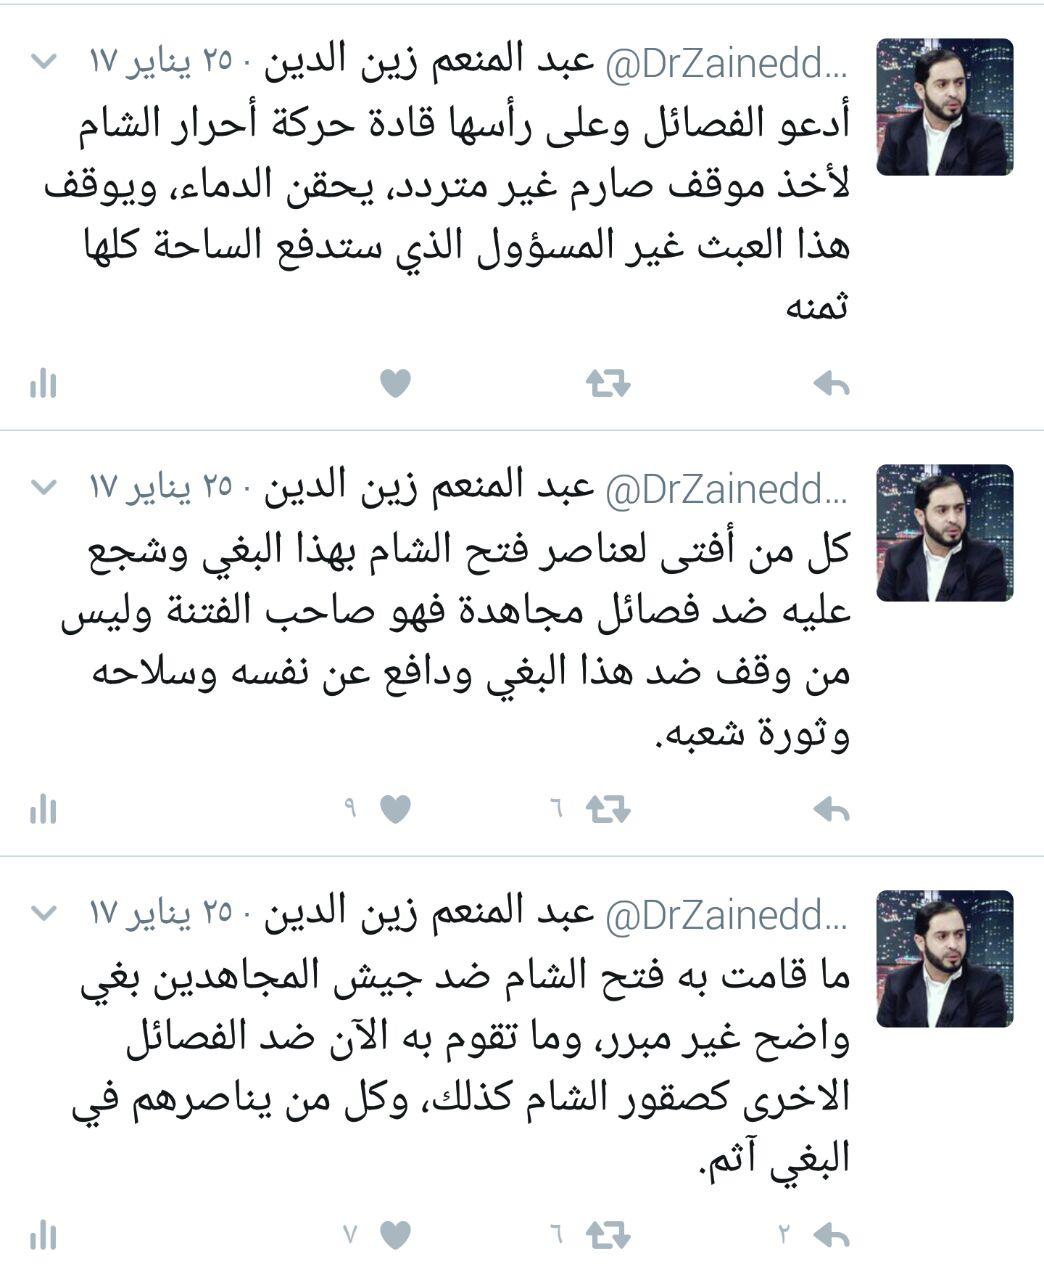 عبد المنعم زين الدين: بغي